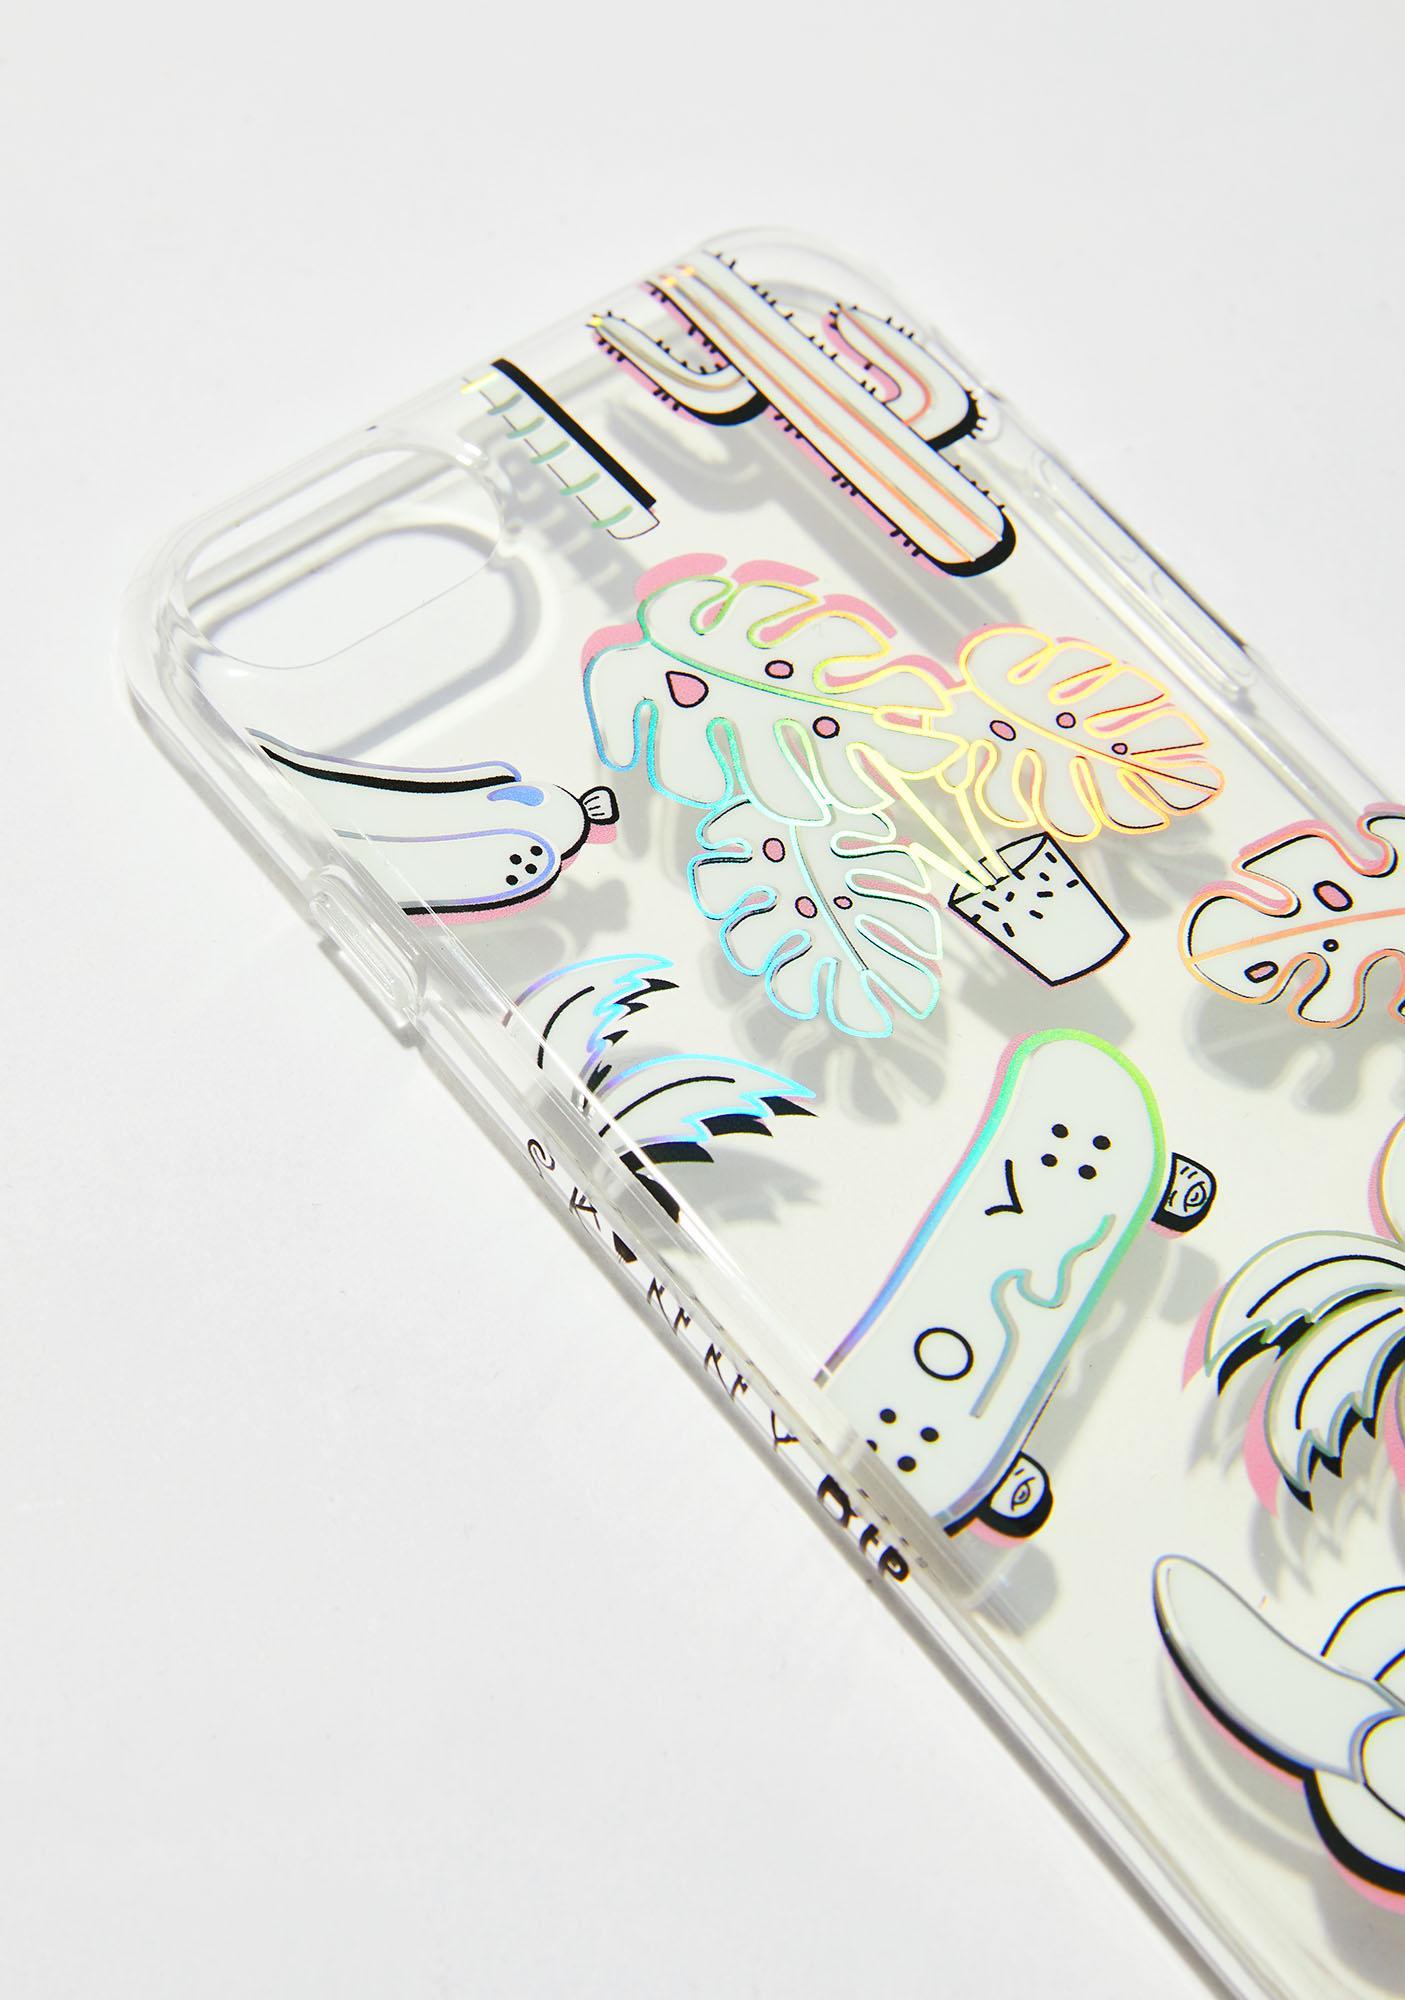 Skinnydip California Dreamin' iPhone Case